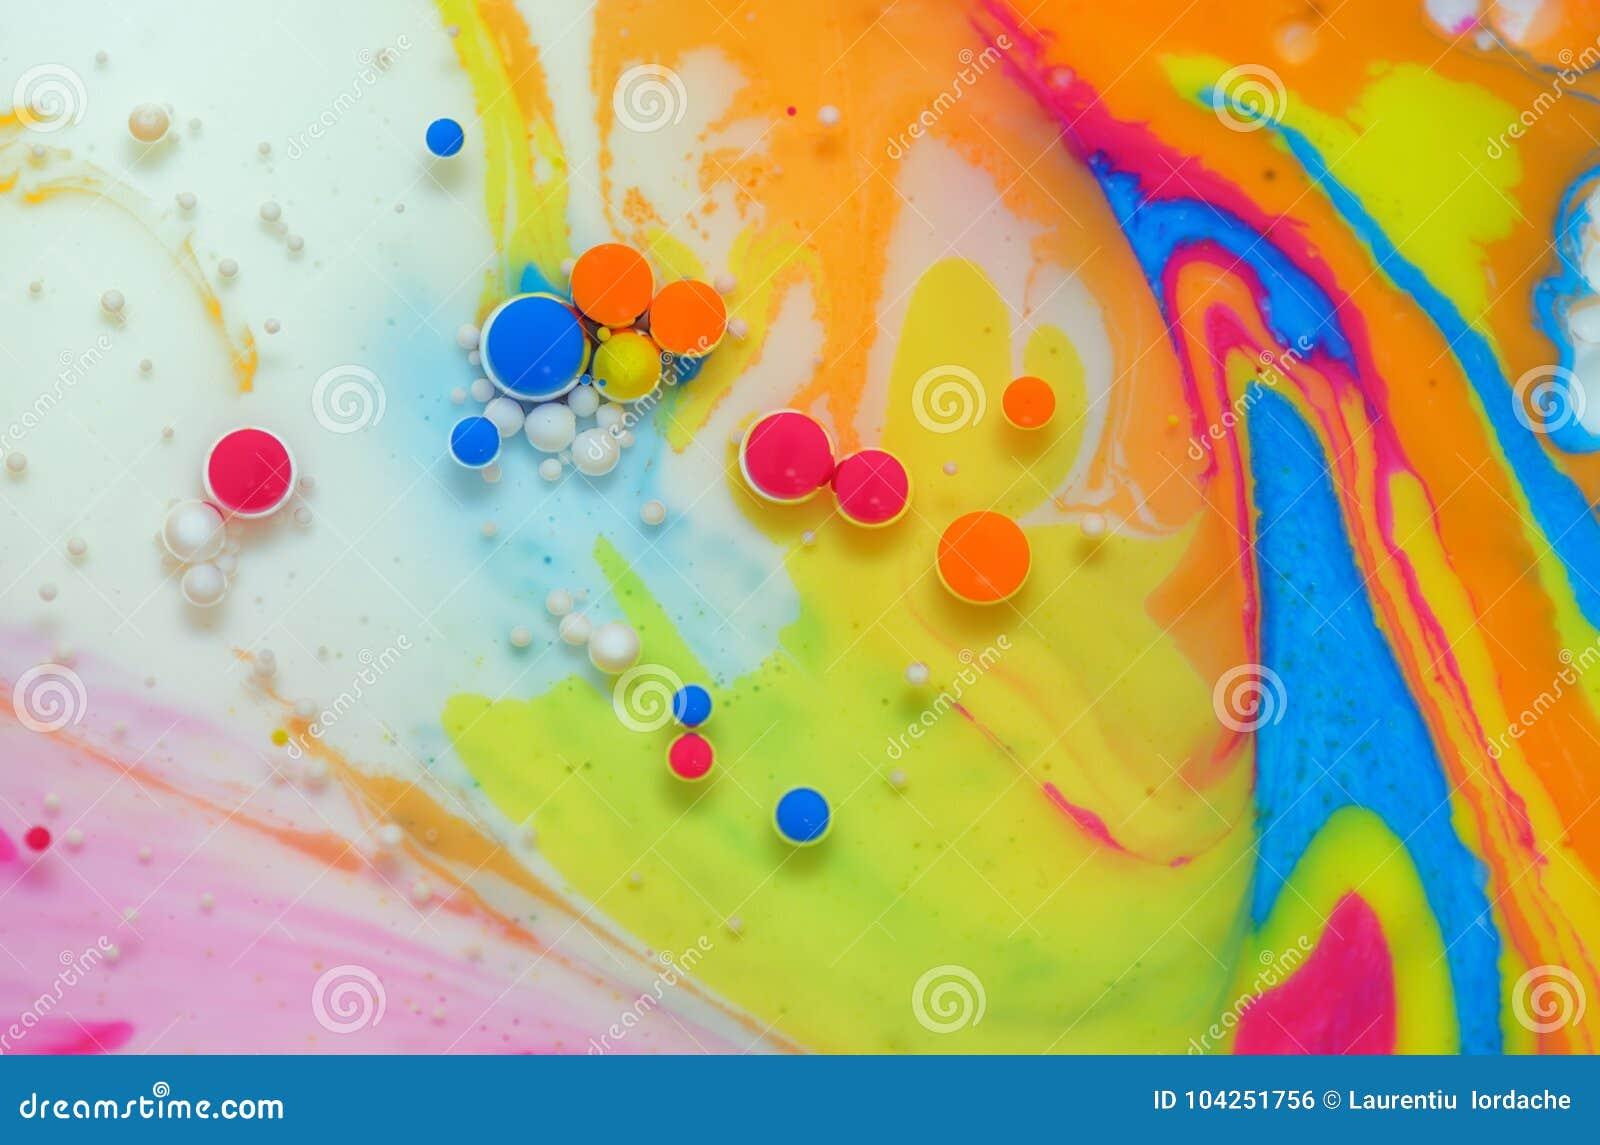 Colores creados por el aceite y la pintura